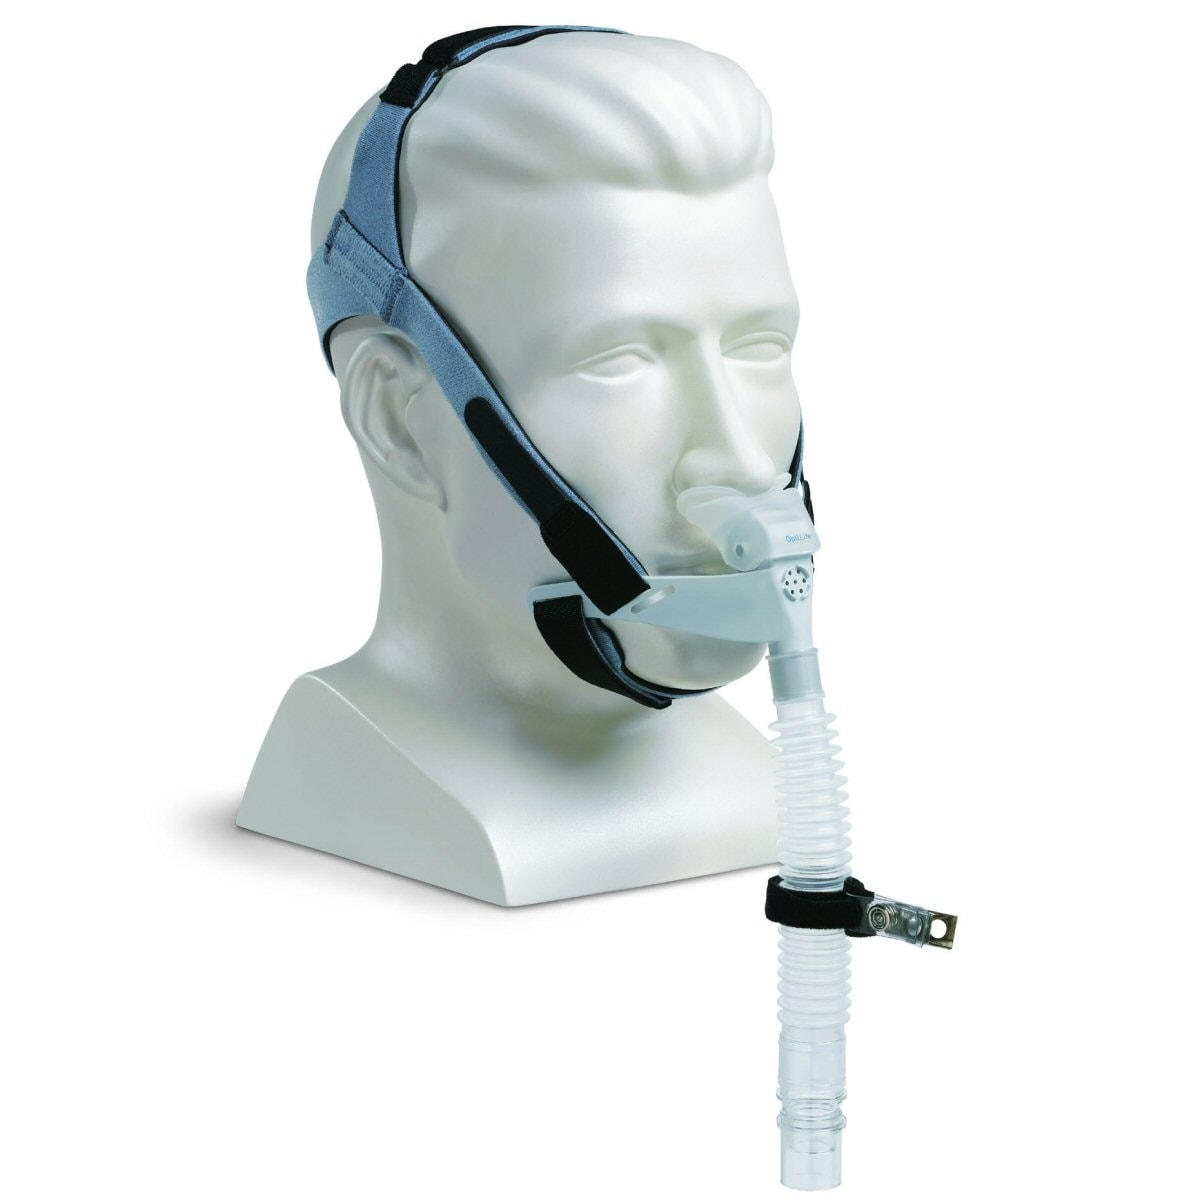 фото 1 - Канюльная СиПАП маска OptiLife Respironics